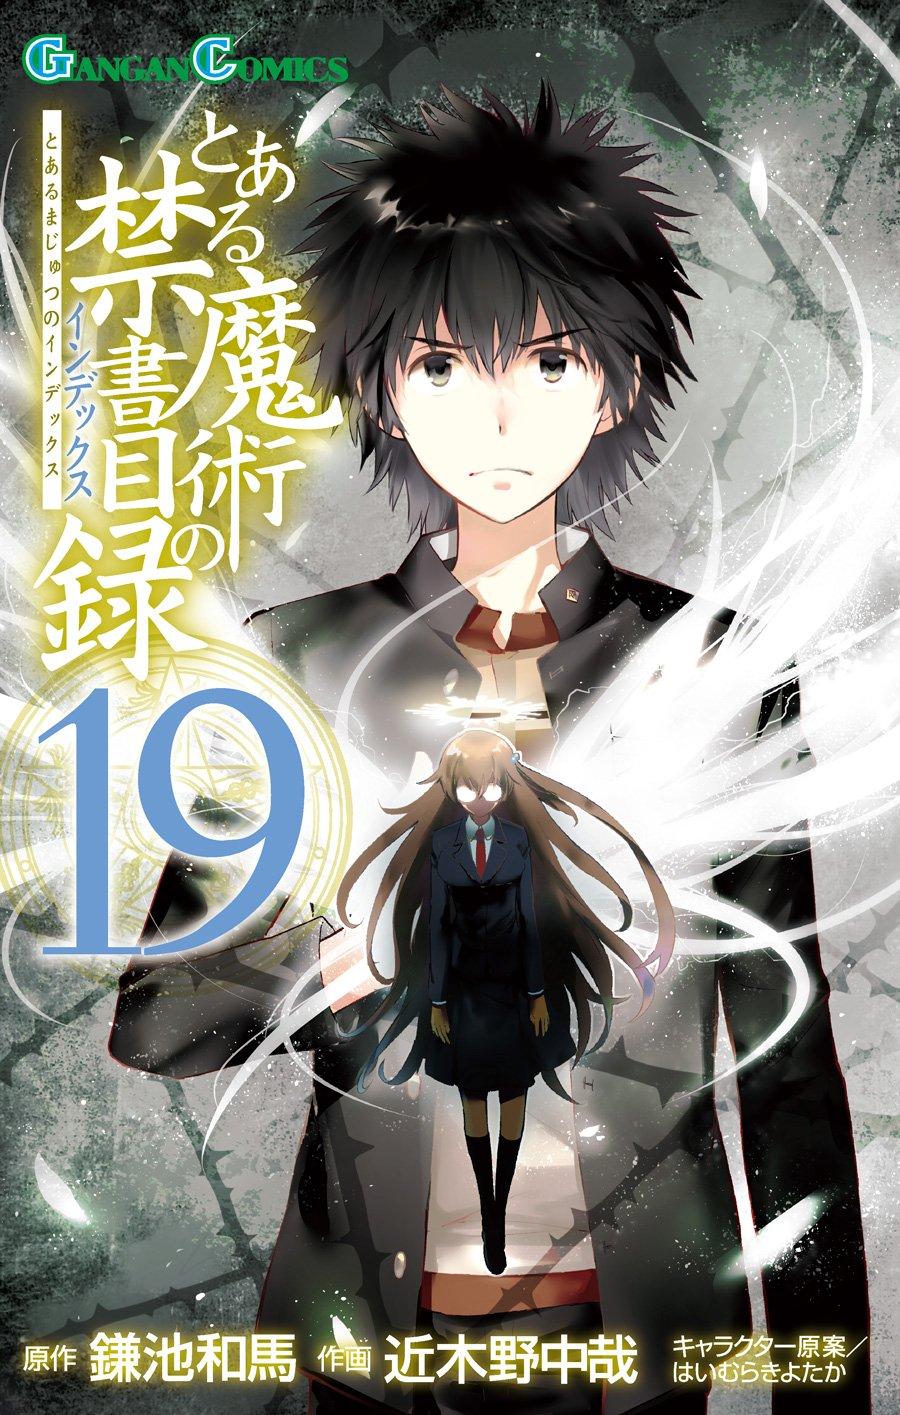 Toaru Majutsu no Index Movie Trailer #1 - To aru …